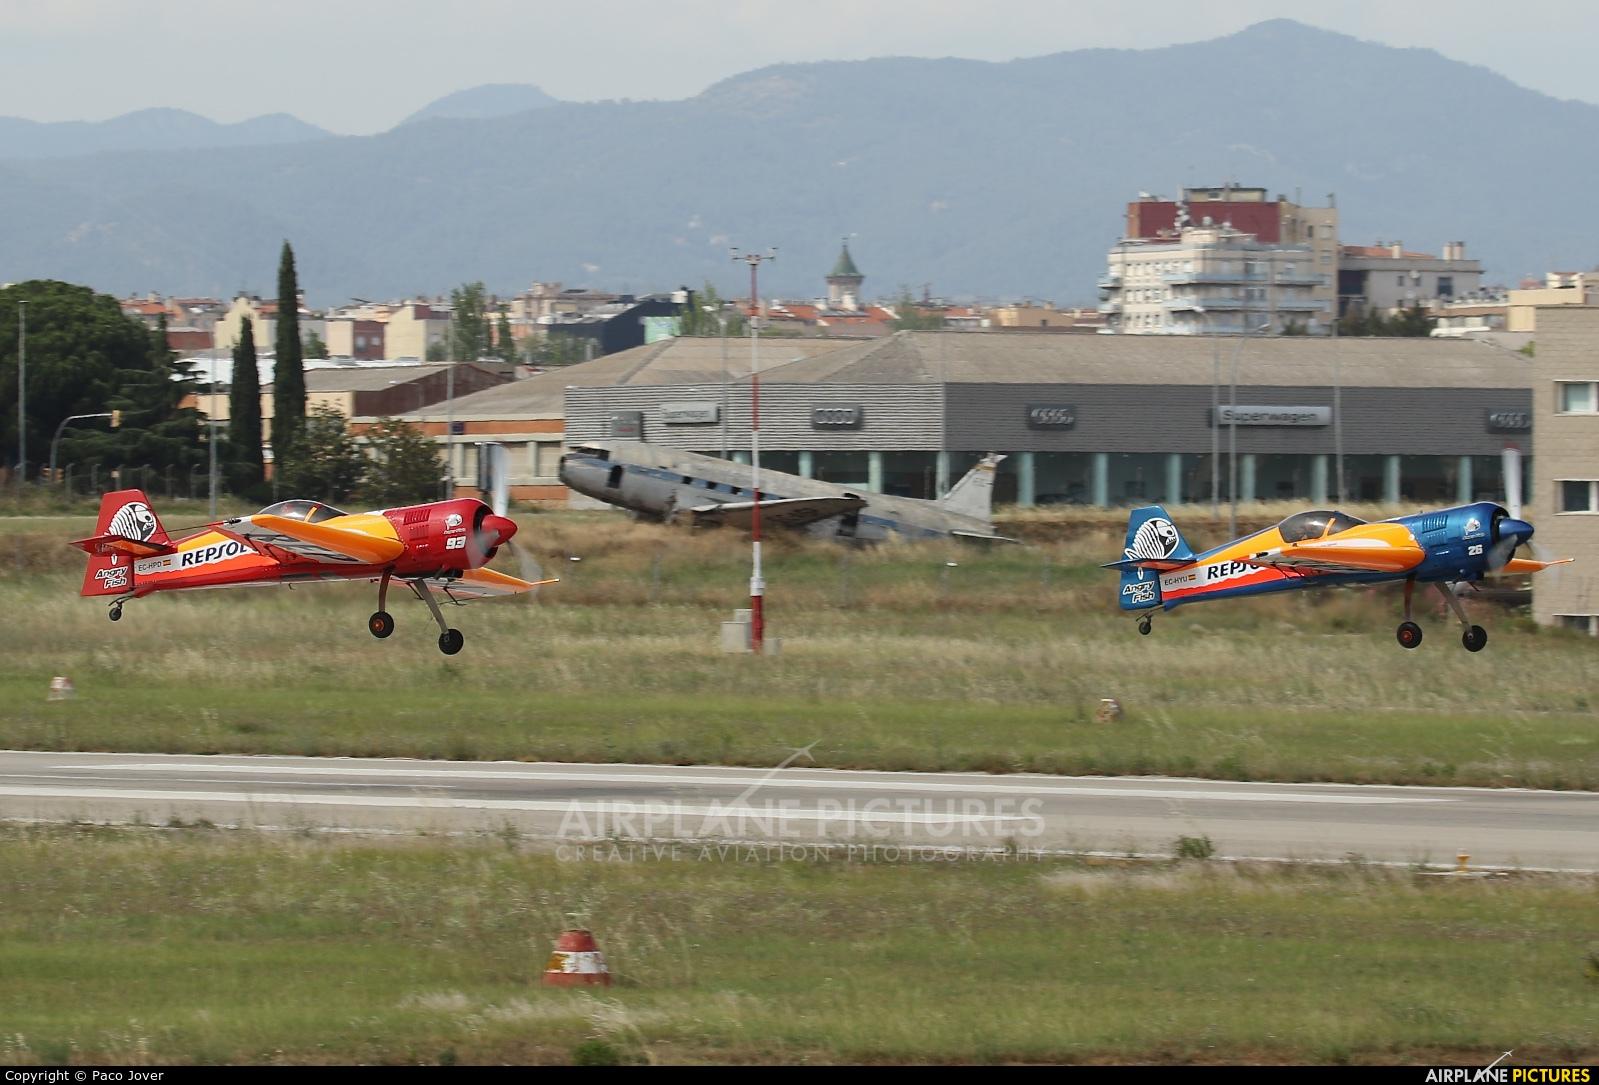 Bravo3/Repsol Team EC-HPD aircraft at Sabadell